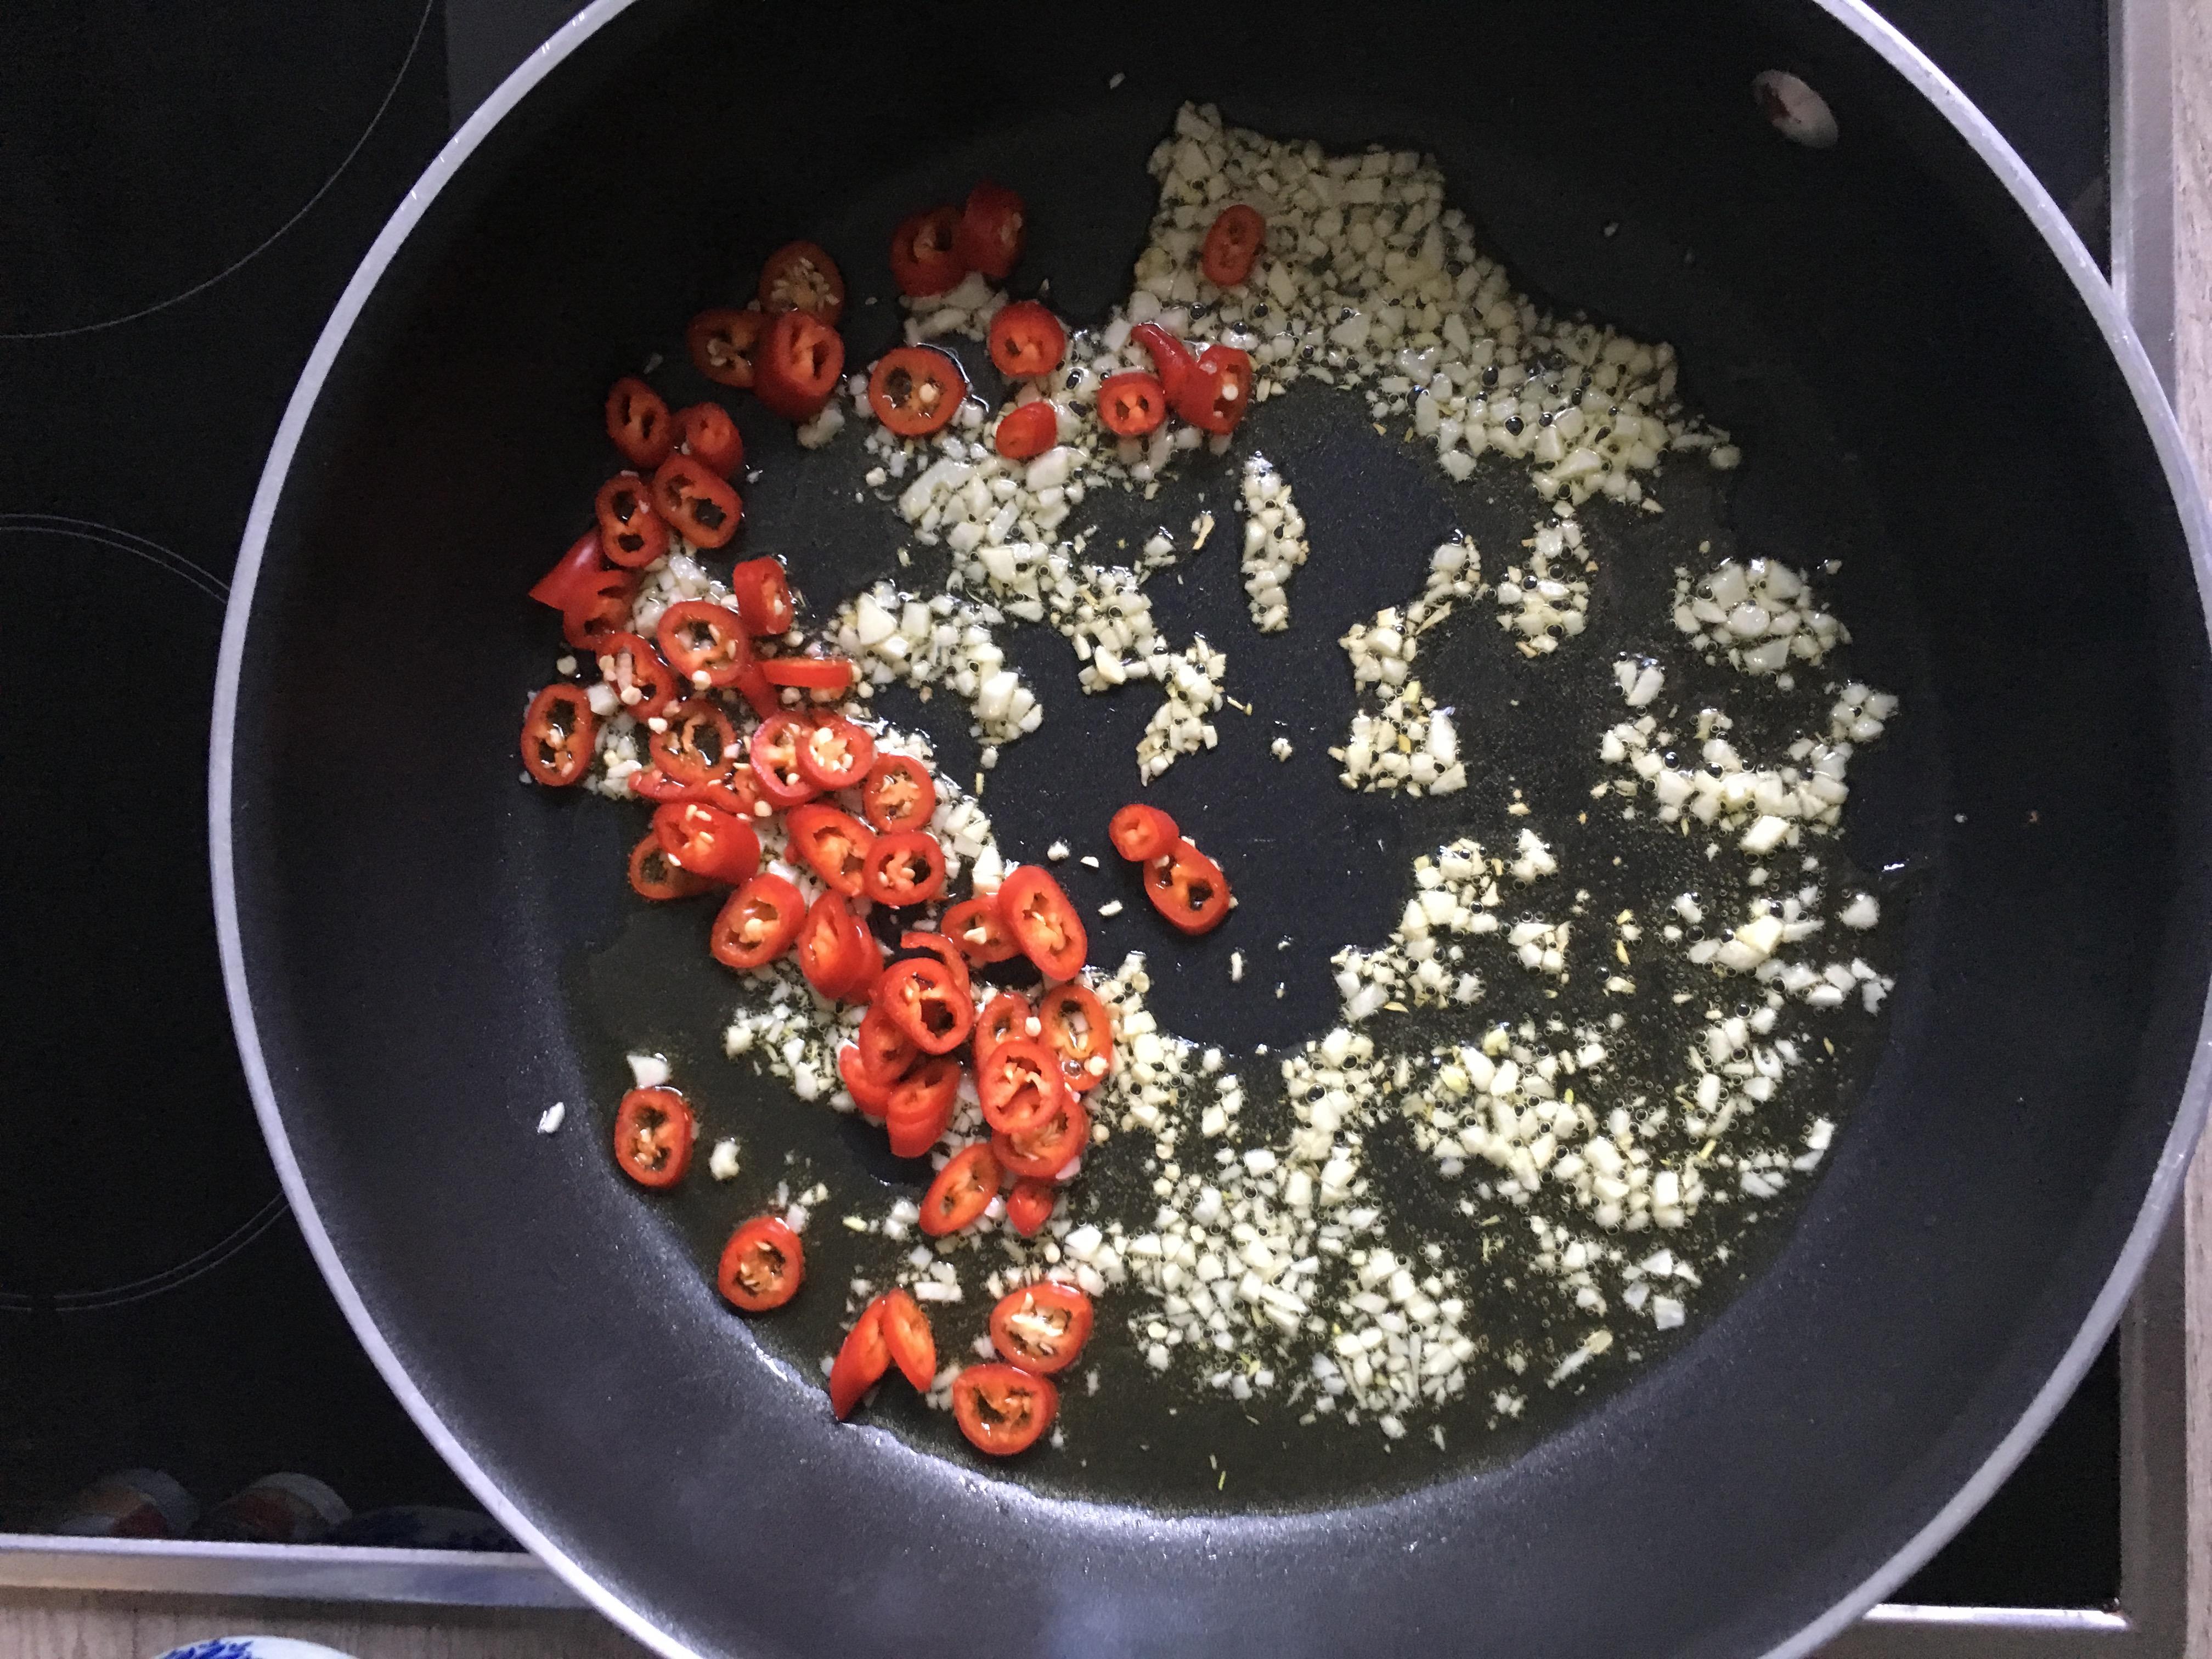 Knoblauch und Peperoni beim anbraten